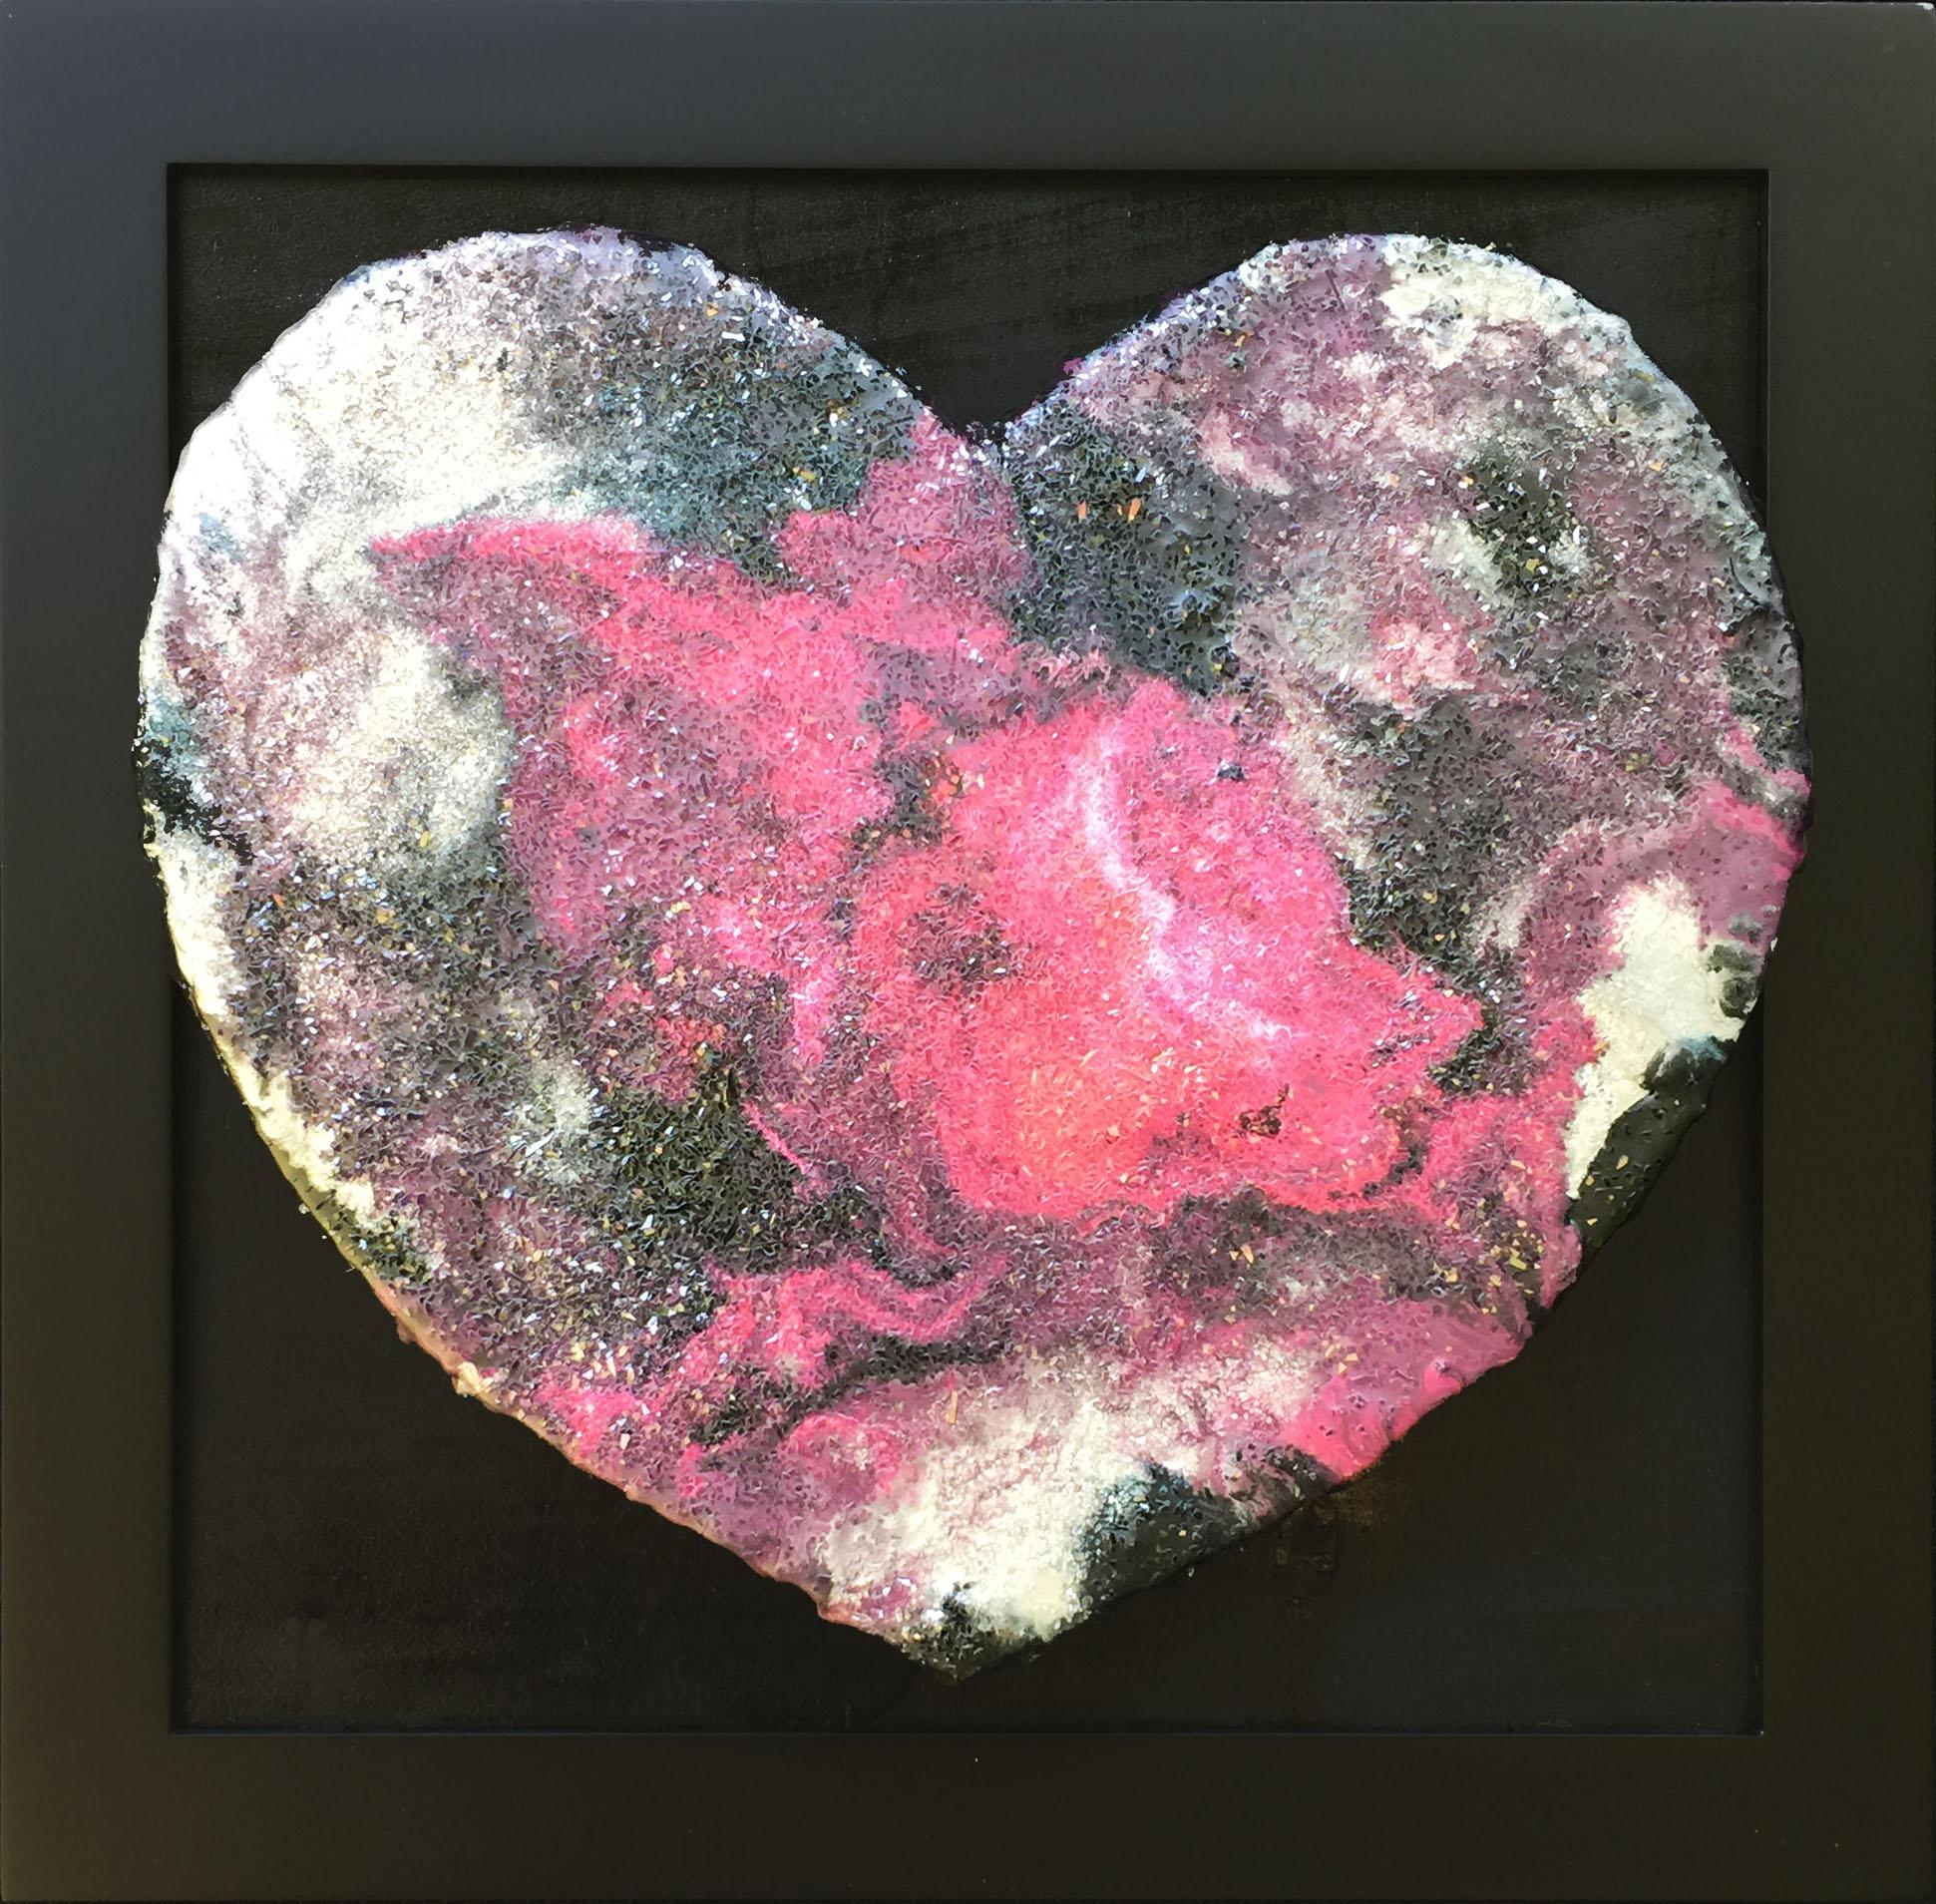 Heart21.jpg